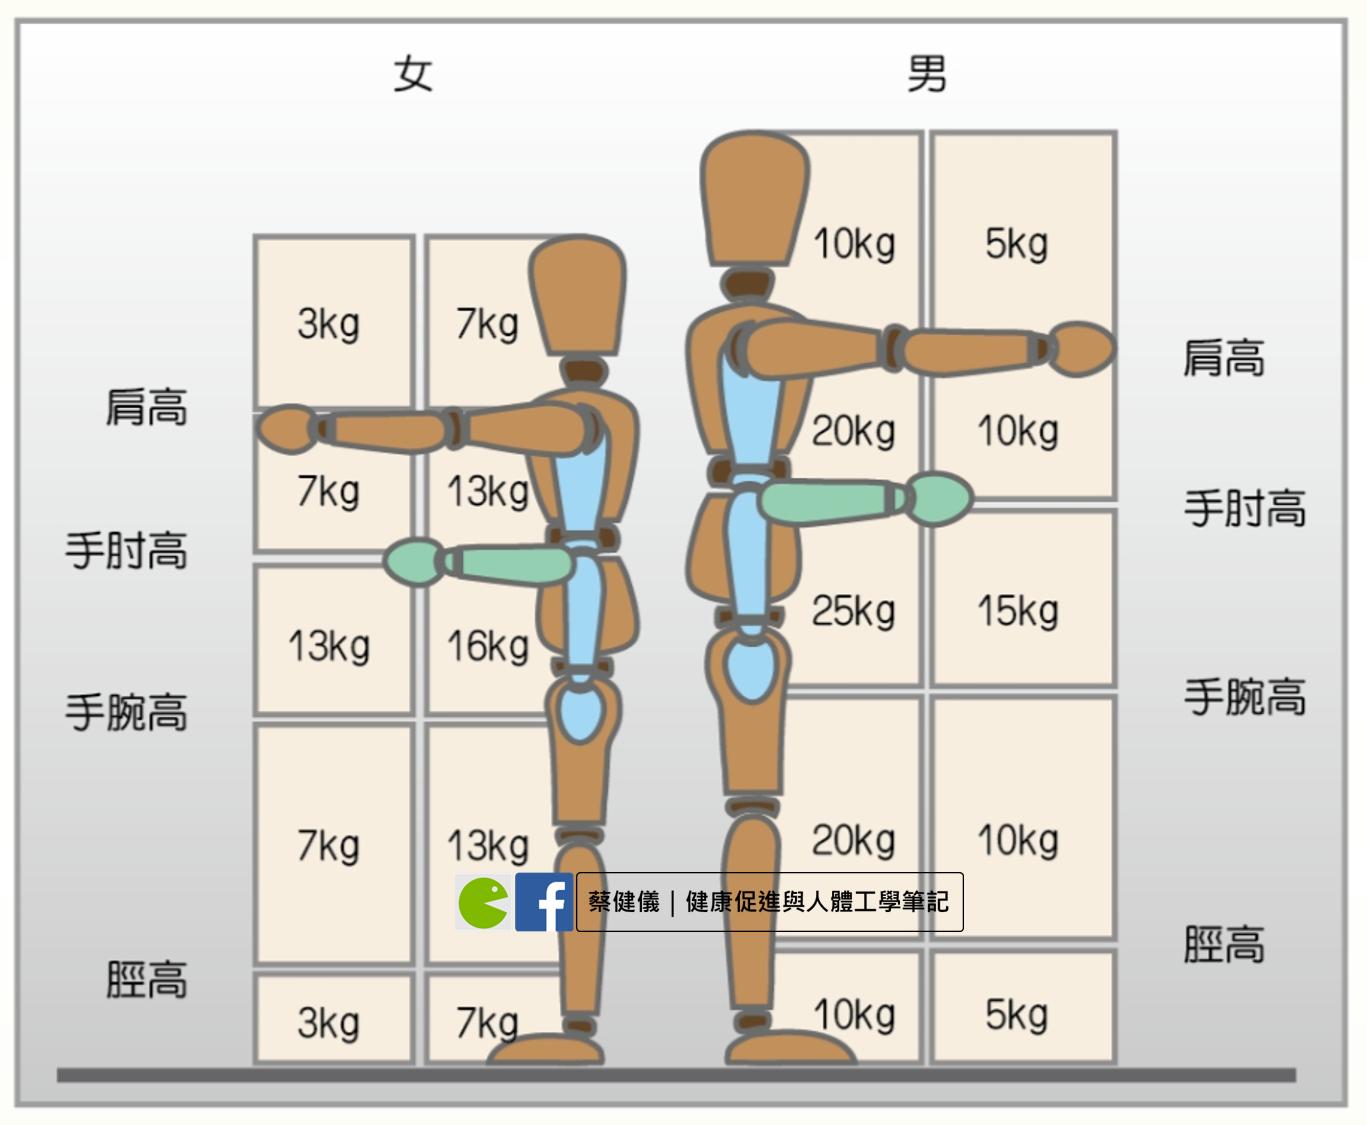 蔡健儀|健康促進與人體工學筆記: 工作、搬重物造成下背痛?